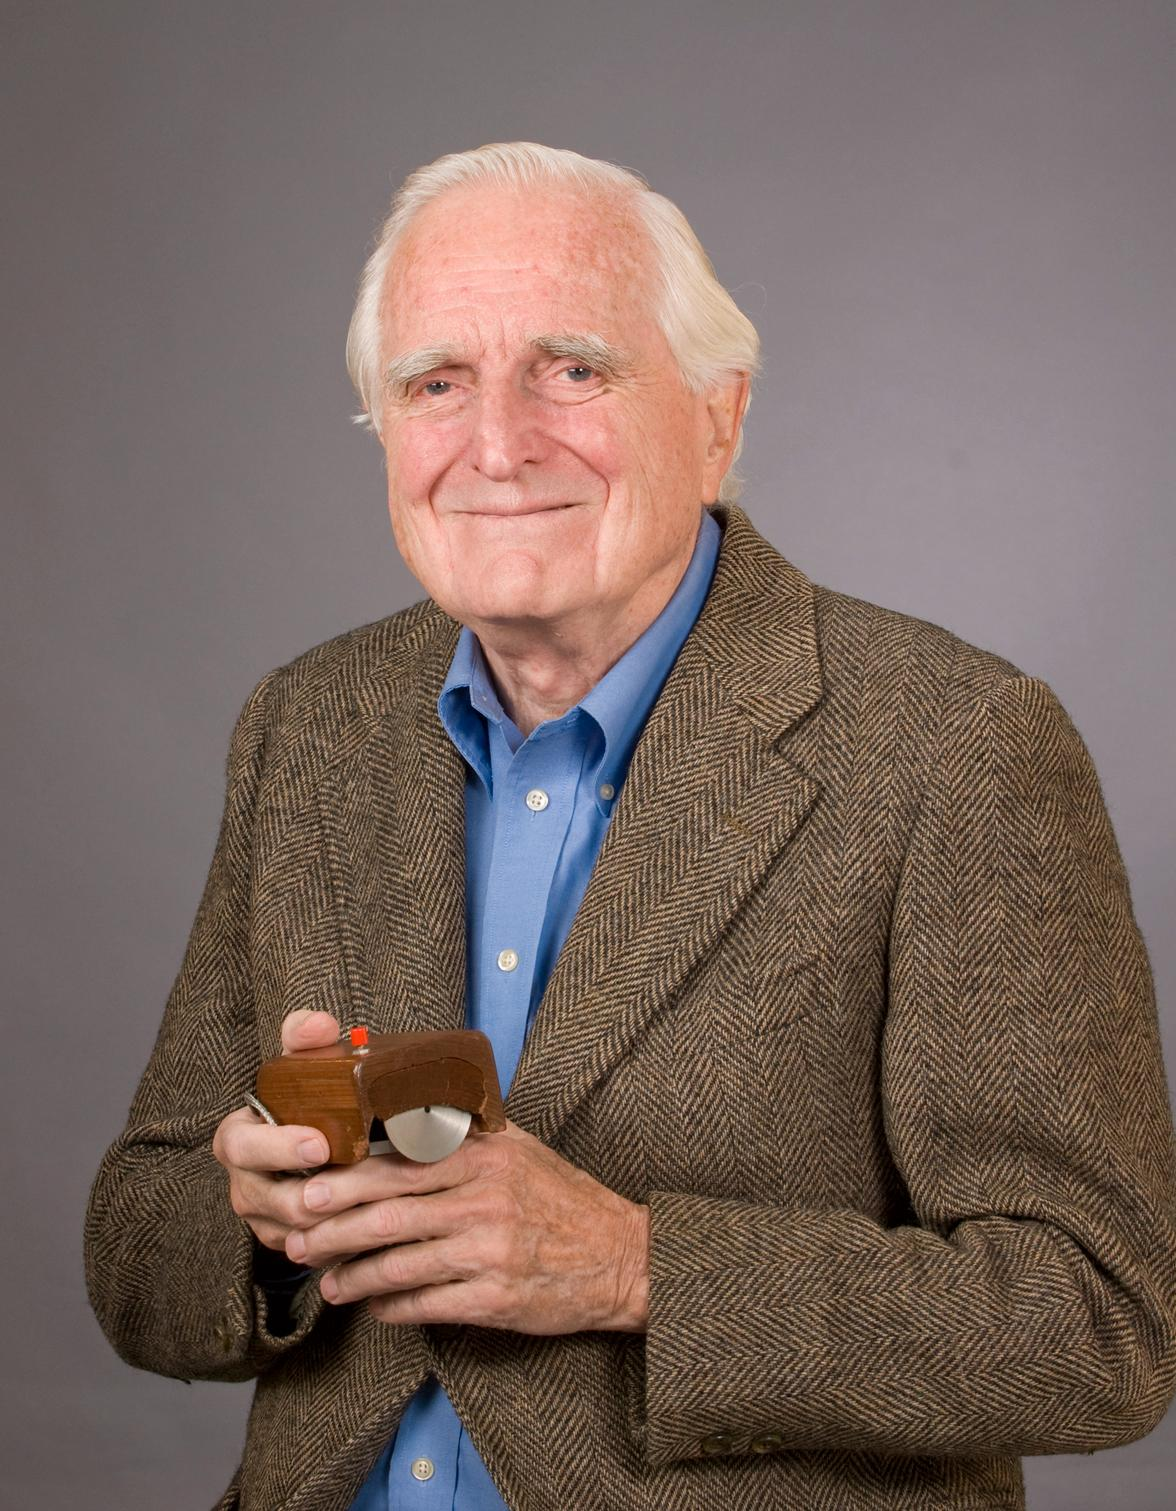 Douglas Engelbart med den første musen. Foto: SRI